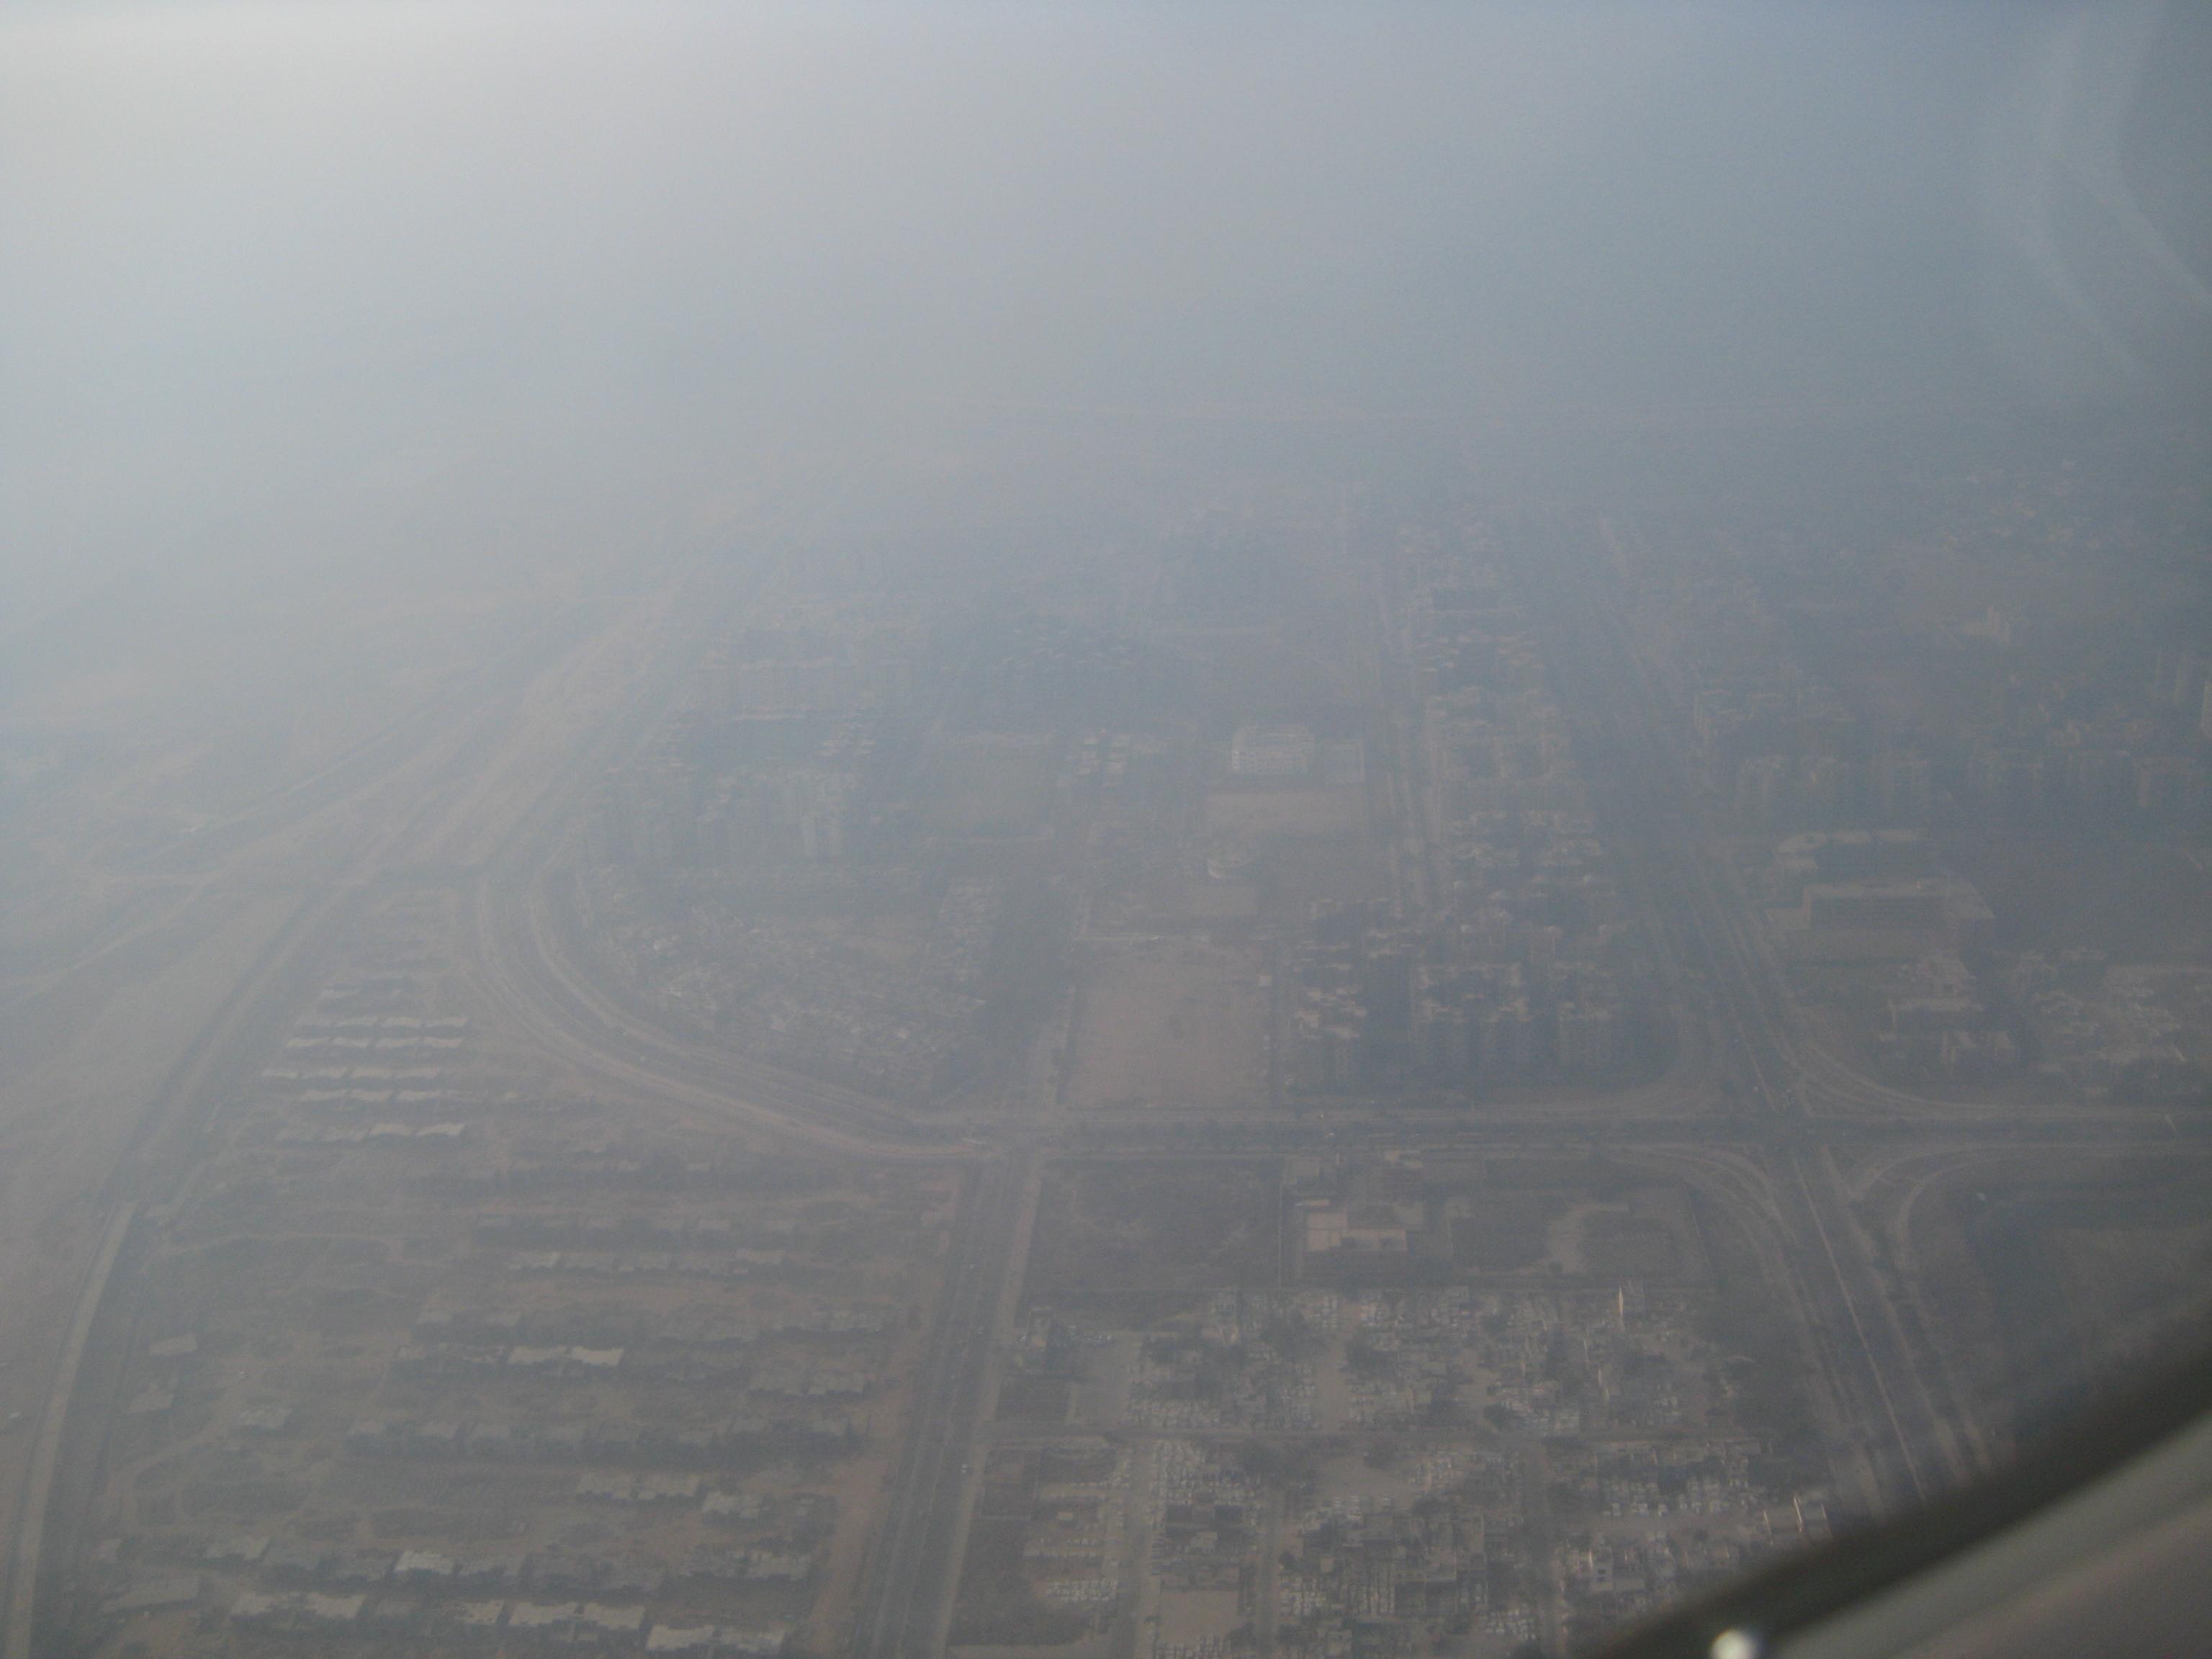 NGT bans diesel vehicles in Delhi